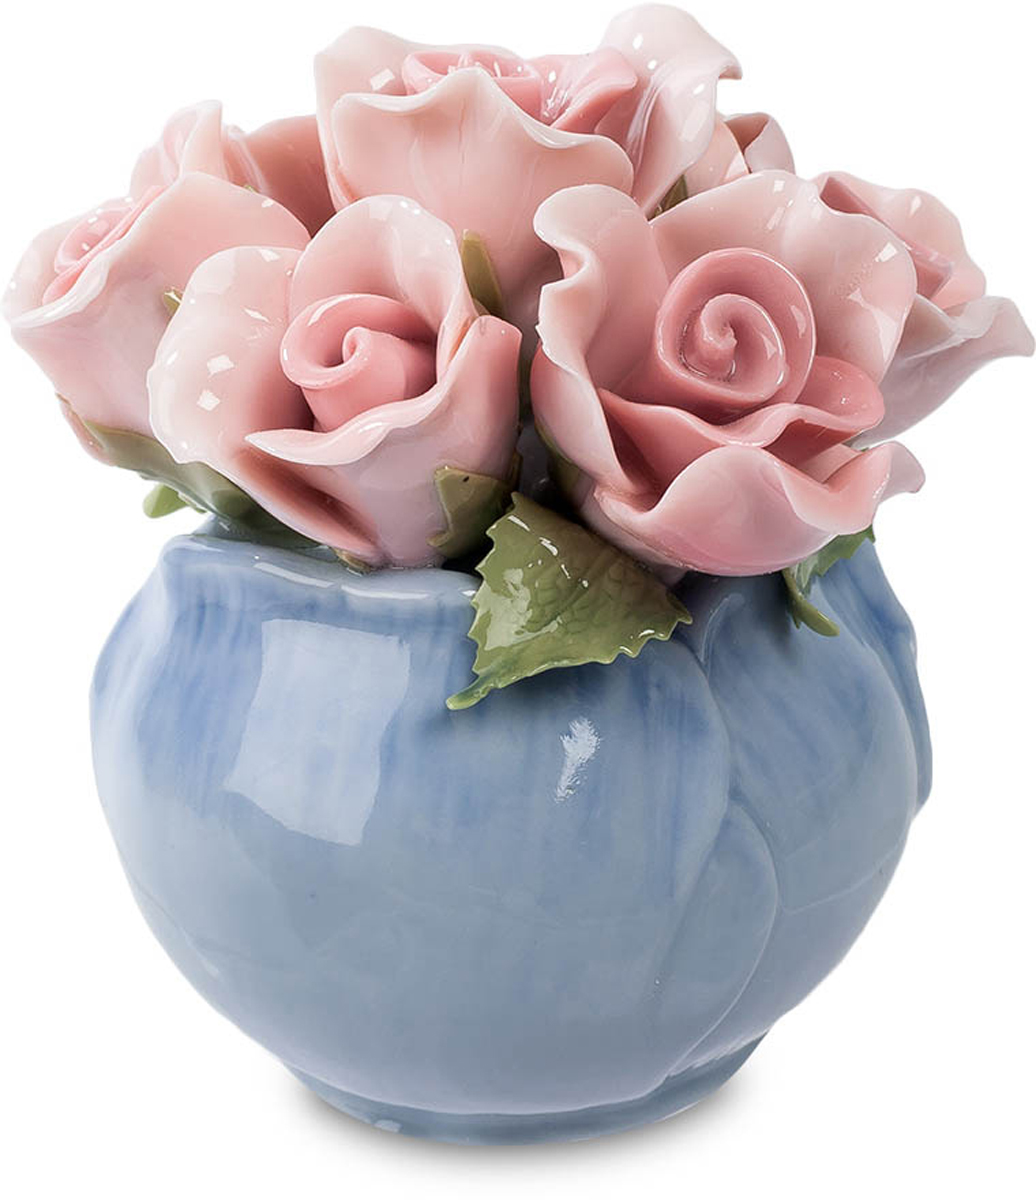 Композиция Pavone Розы. CMS-33/28THN132NКомпозиция Розы (Pavone) Ваза оригинальной формы, как будто составленная из нежных лепестков синего цветка, вмещает в себе букет классических розового цвета цветков розы с зелеными листиками. Розочки кажутся живыми – настолько тонкие у них лепестки. Даже не верится, что они изготовлены из фарфора – насколько же высоко мастерство создавших эту композицию художников! Этот миниатюрный букетик хорош не только своей нежной красотой, но и тем, что фарфоровые цветы никогда не завянут и даже годы спустя сохранят этот удивительный свежий вид. Подарите живой букет роз в знак искренней любви и эту композицию – на долгую память!